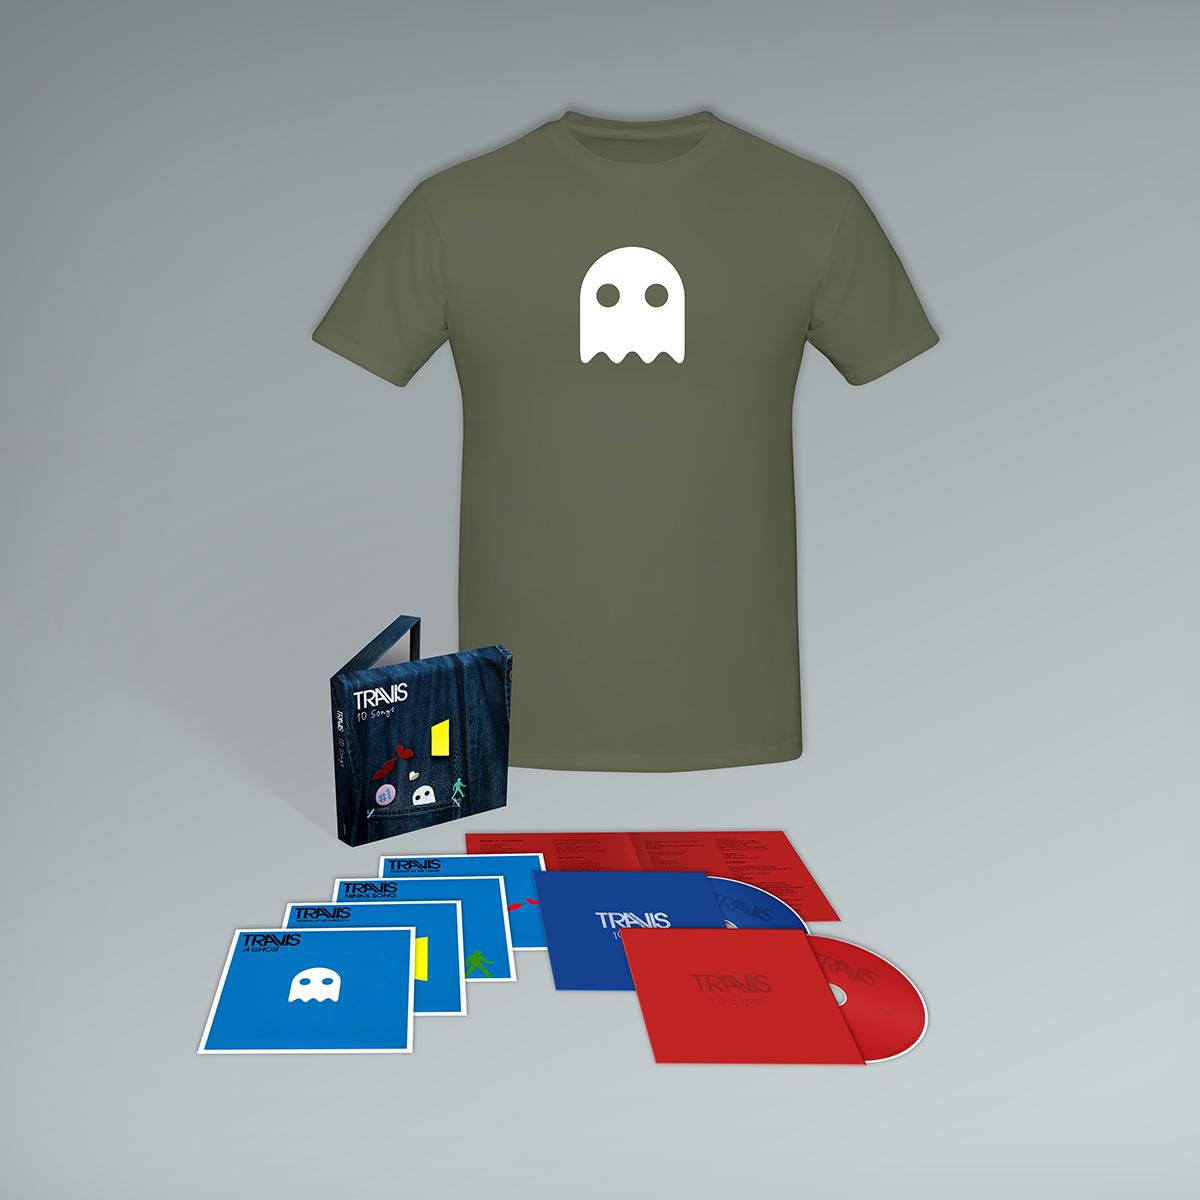 Buy Online Travis - 10 Songs Deluxe Double CD (Inc. Album Demos) + T-Shirt